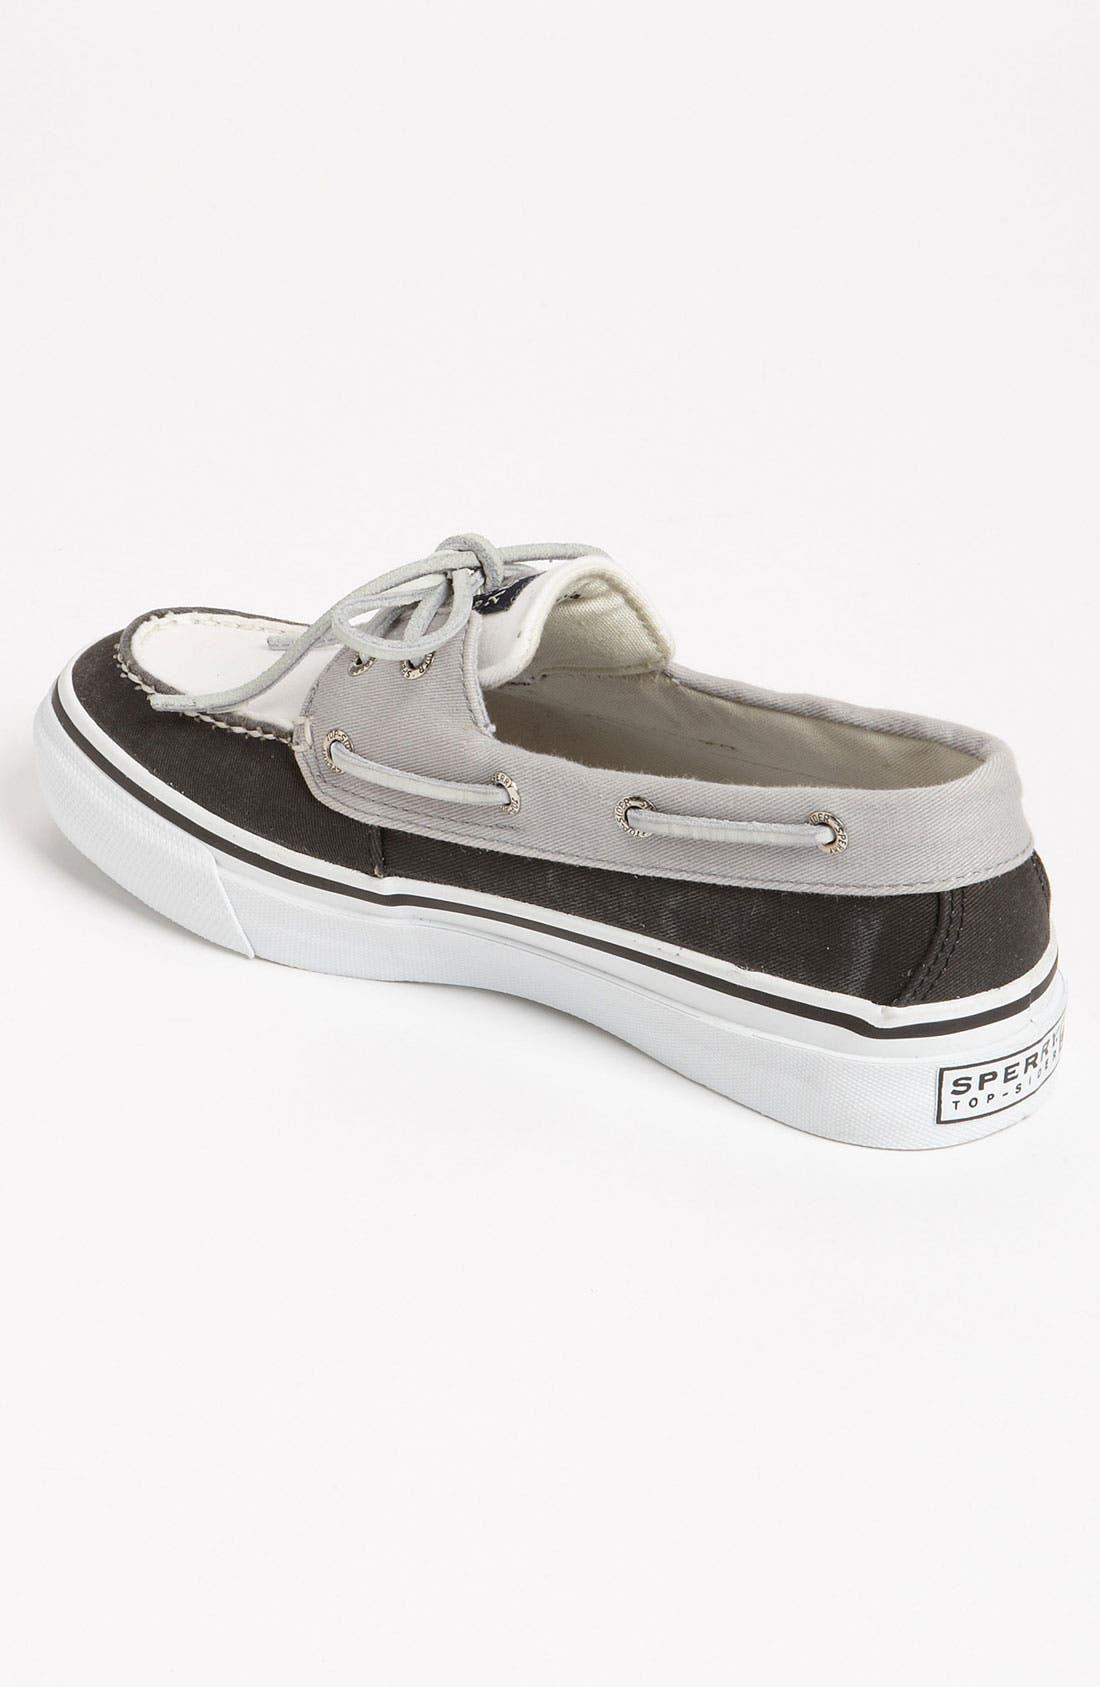 Alternate Image 2  - Sperry 'Bahama' Boat Shoe